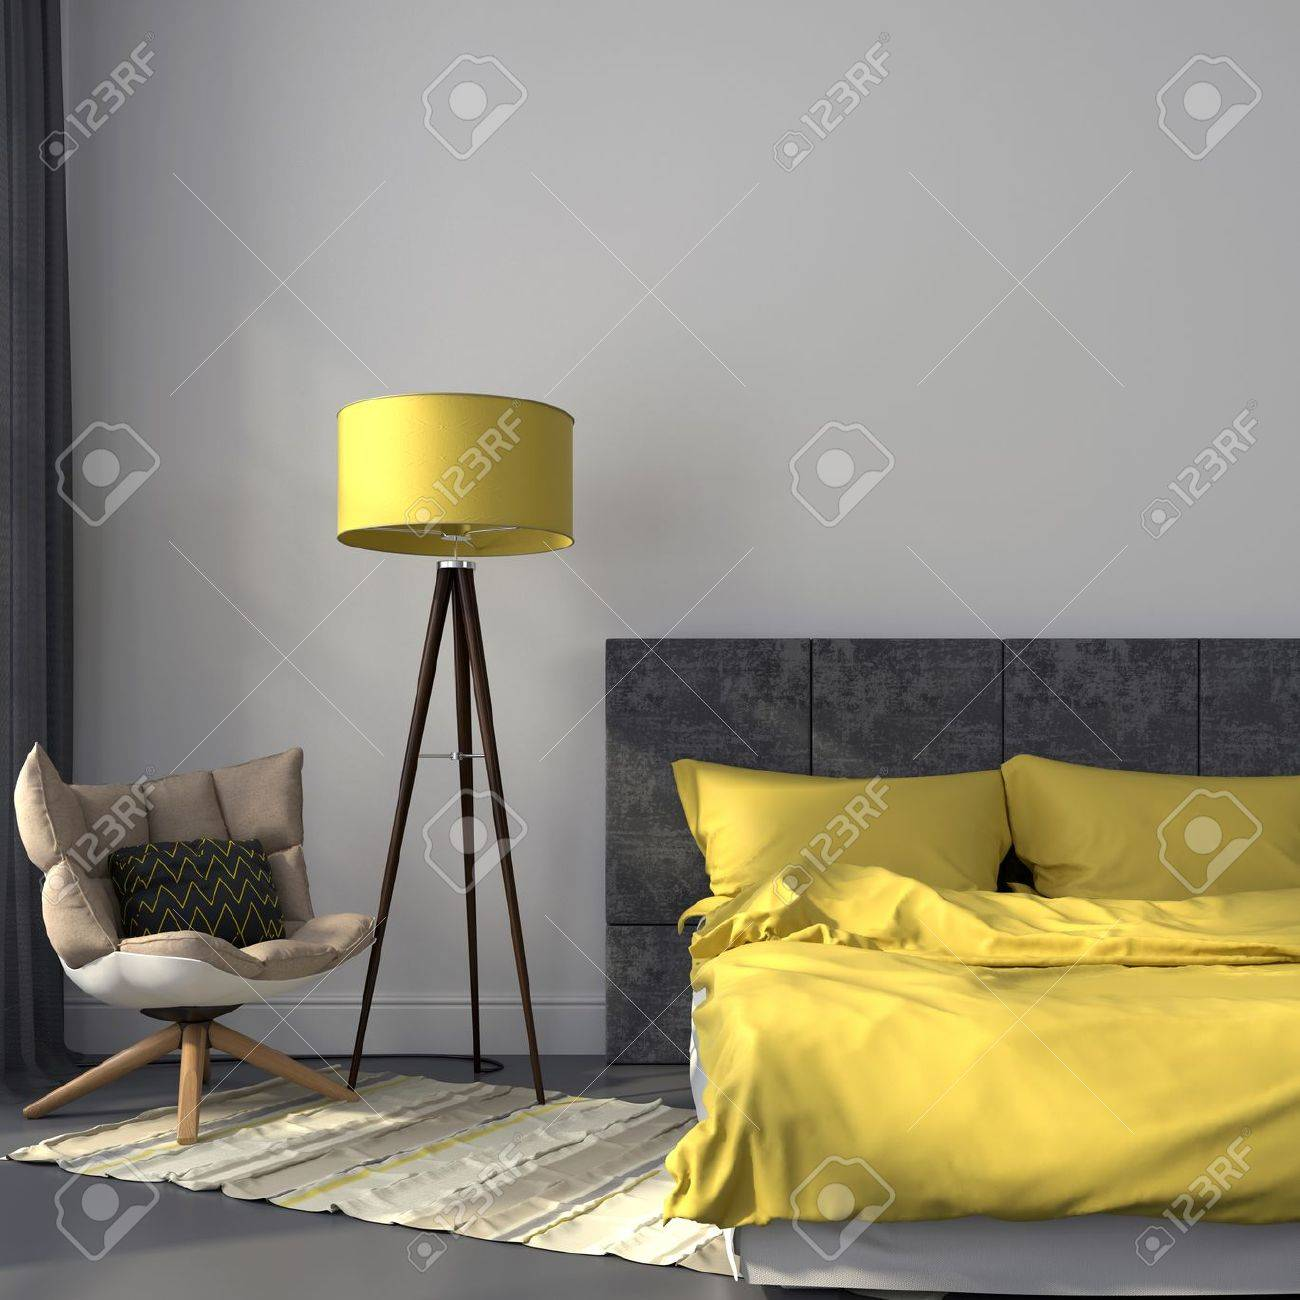 chambre coucher moderne de couleur et les accents sur la lampe jaune et draps gris - Couleur De Chambre A Coucher Moderne